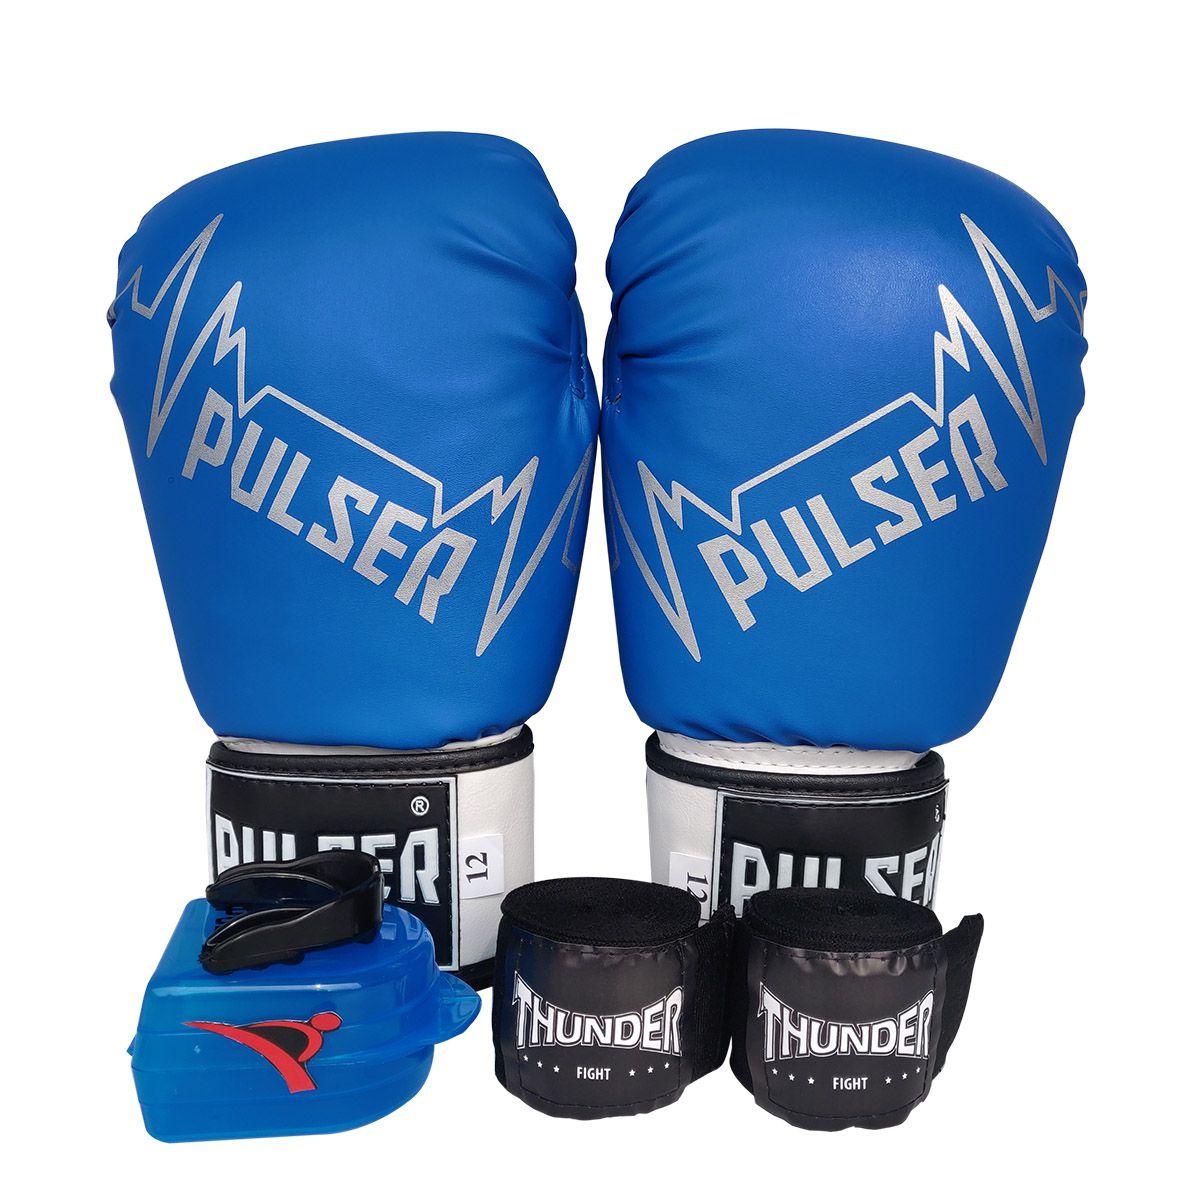 Kit de Boxe / Muay Thai 14oz - Azul Pulser Logo - Pulser  - PRALUTA SHOP